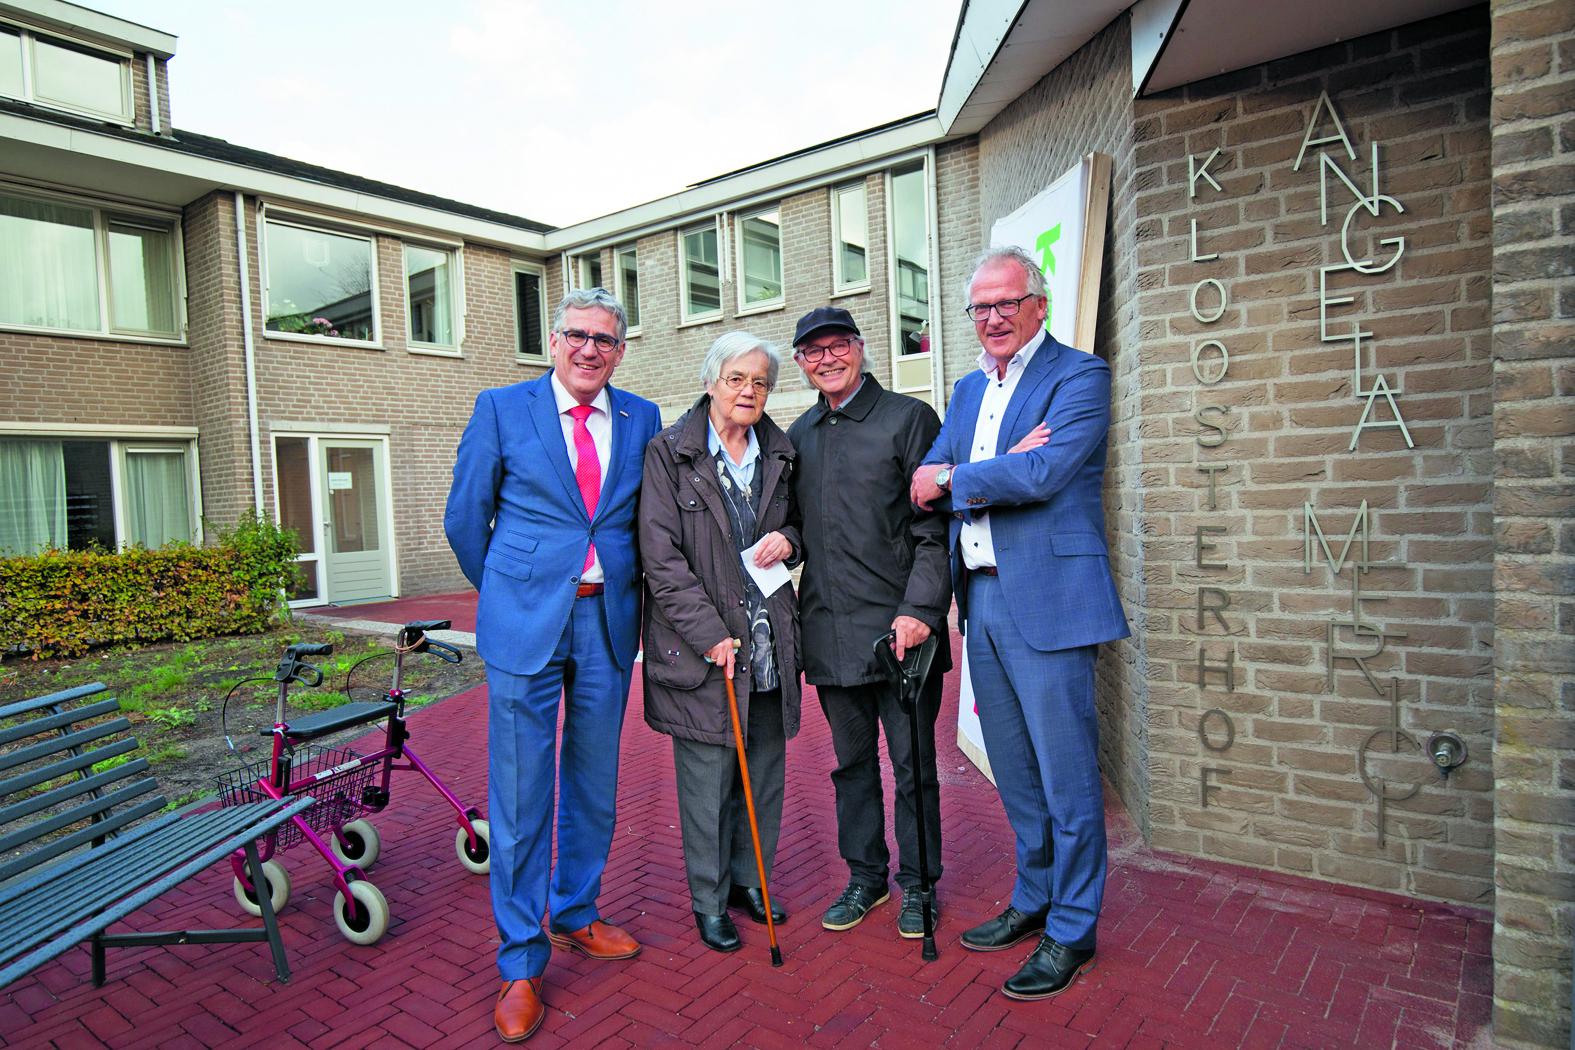 (vlnr) Frits Westerkamp, zuster Marie-José, Henk Labij van der Pol en Dick Tromp onthullen de naam Angela Merici. (Foto: Erik Boschman)